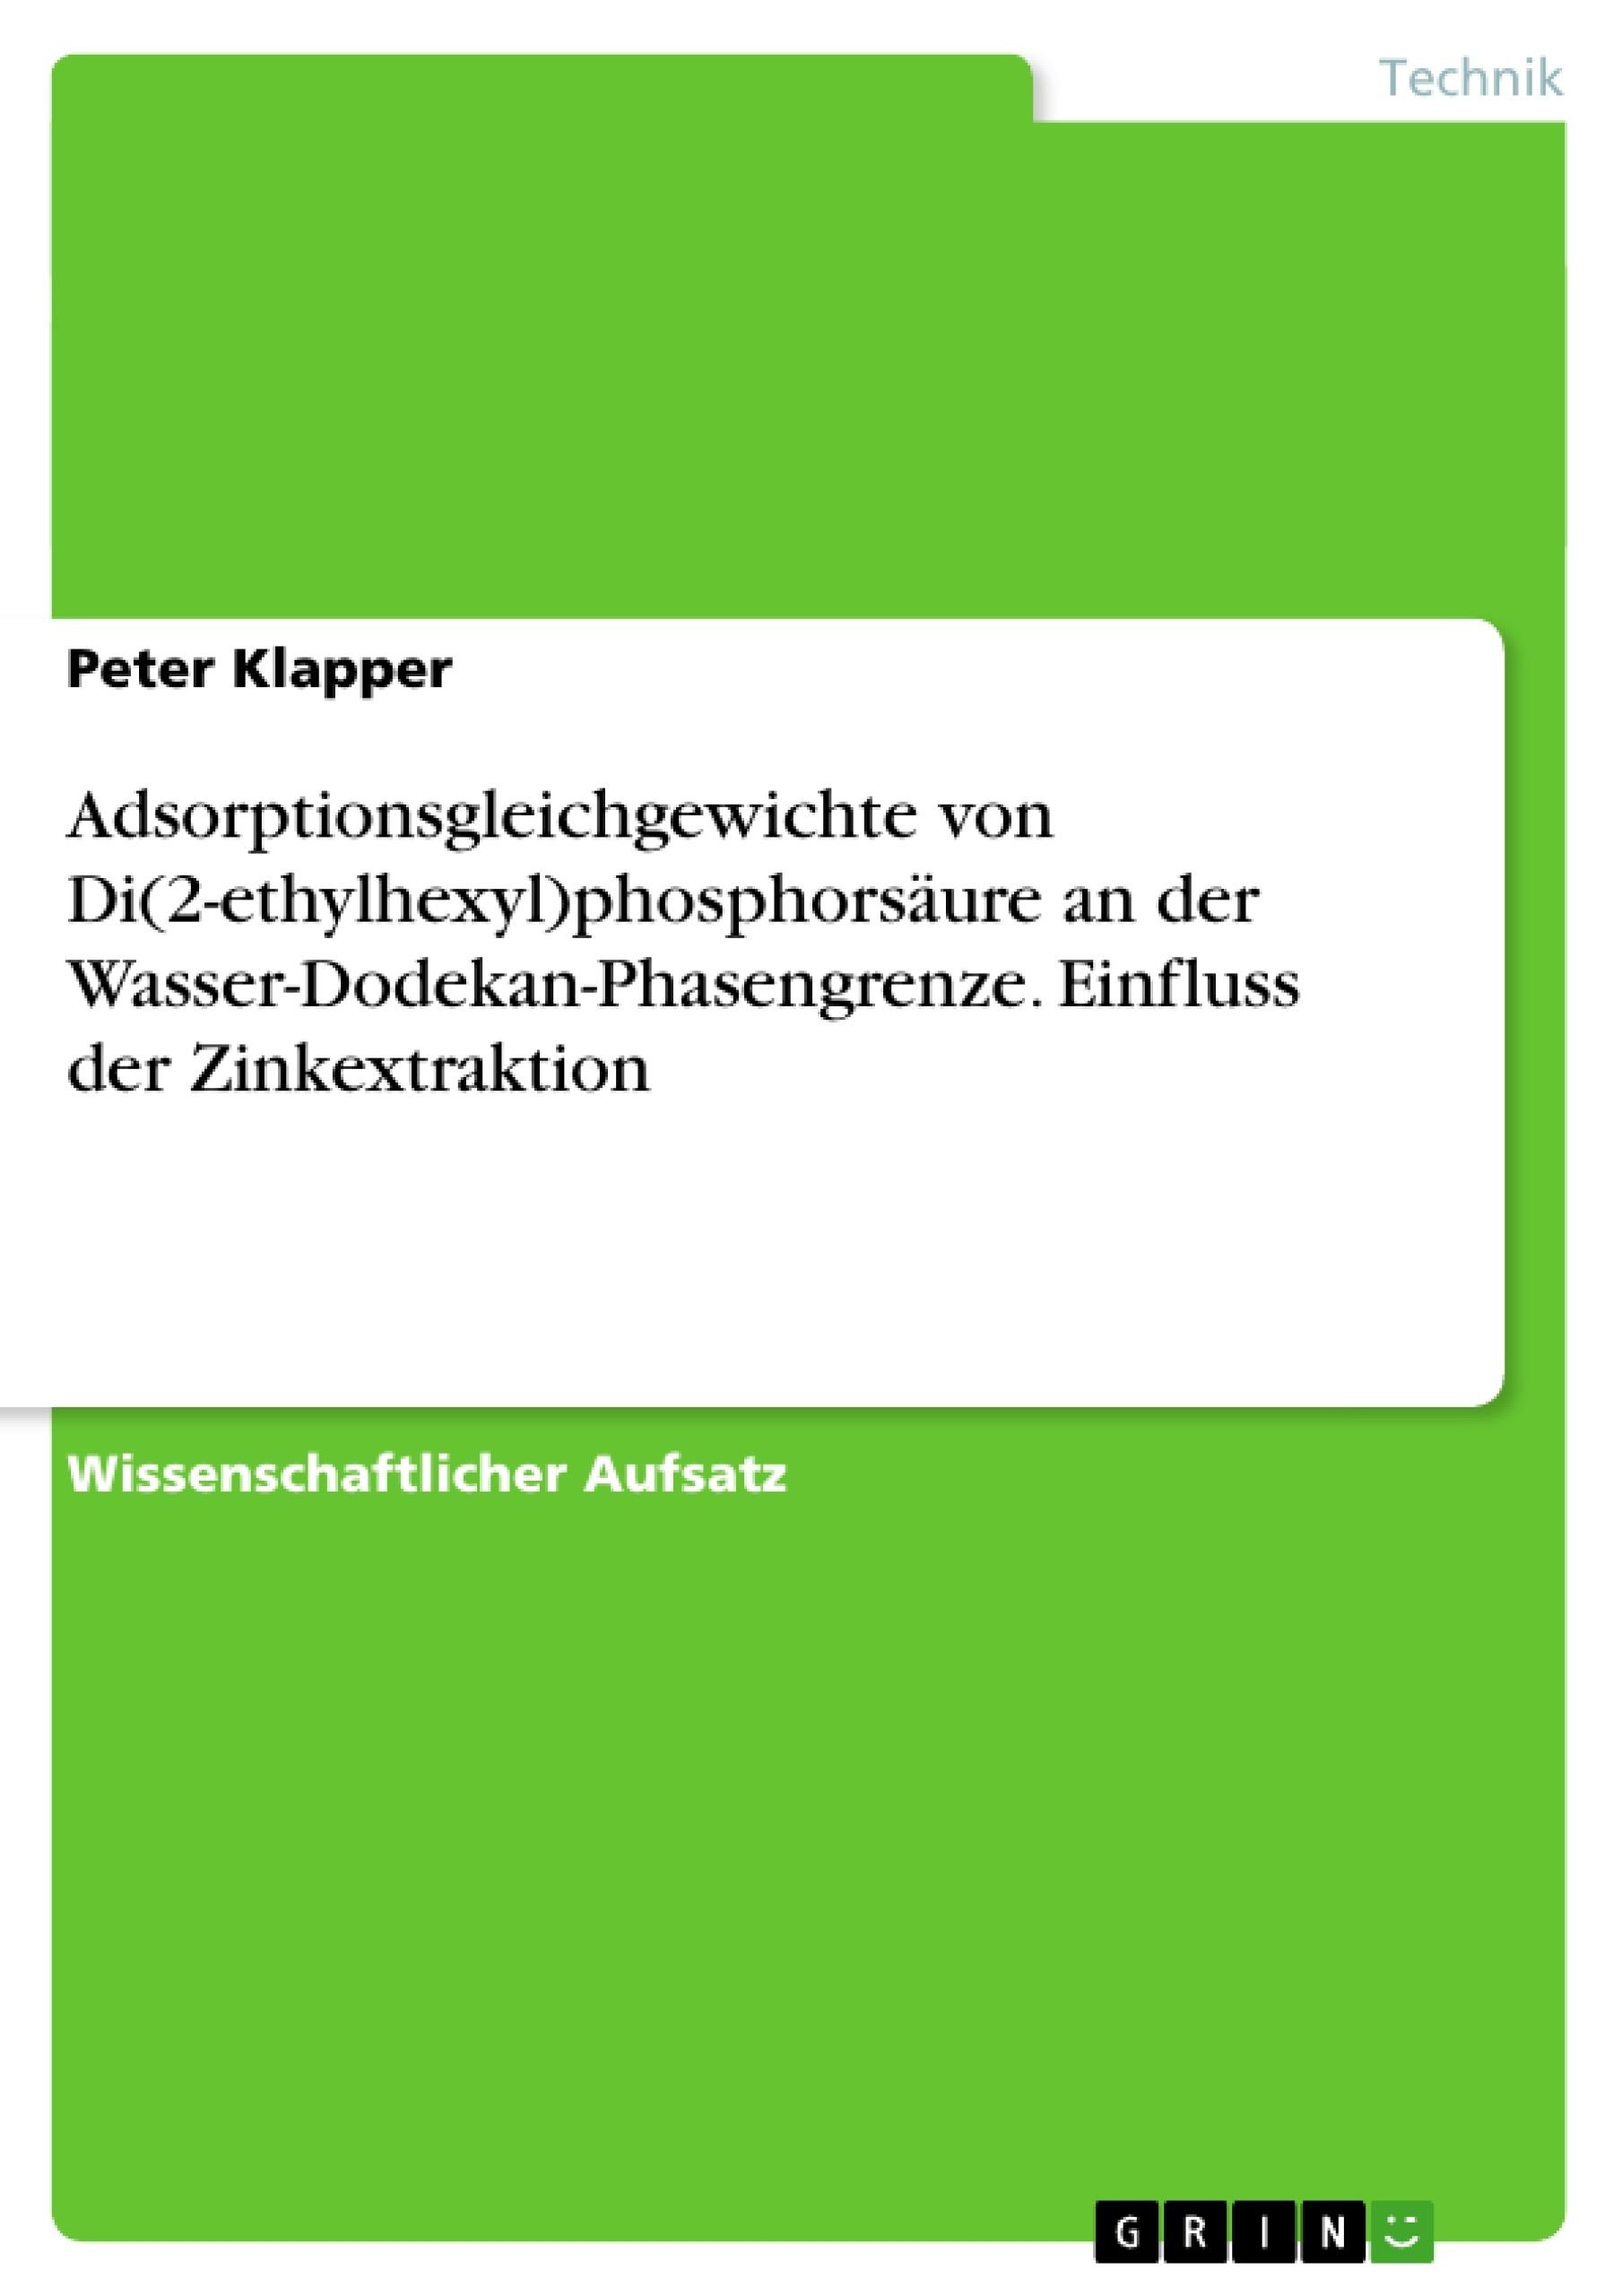 Titel: Adsorptionsgleichgewichte von Di(2-ethylhexyl)phosphorsäure an der Wasser-Dodekan-Phasengrenze. Einfluss der Zinkextraktion